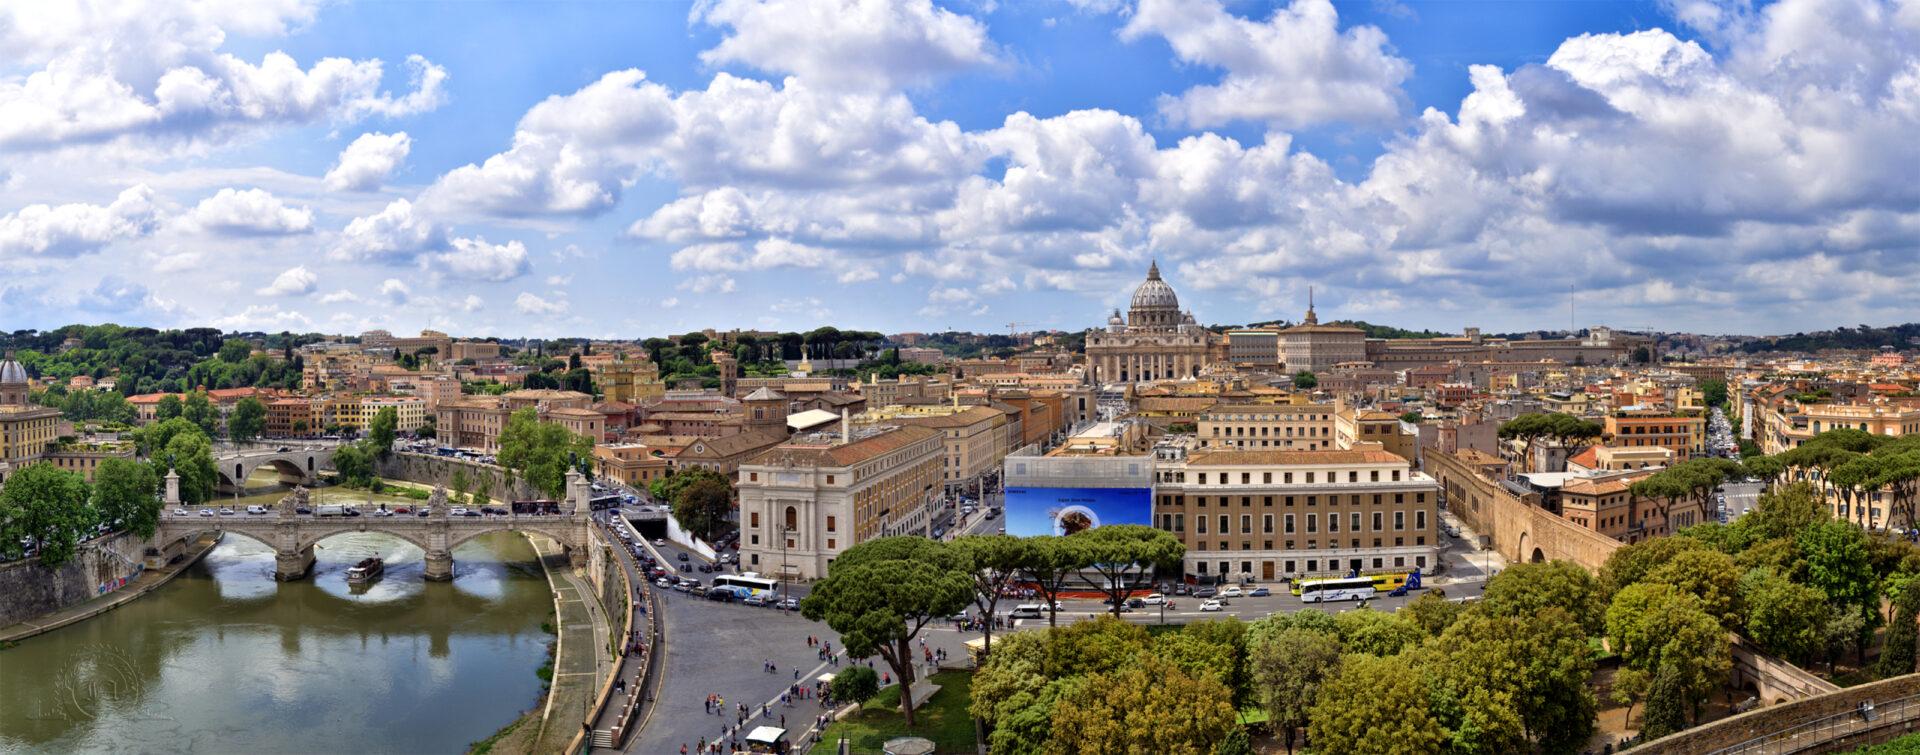 Рим, Собор Святого Петра.